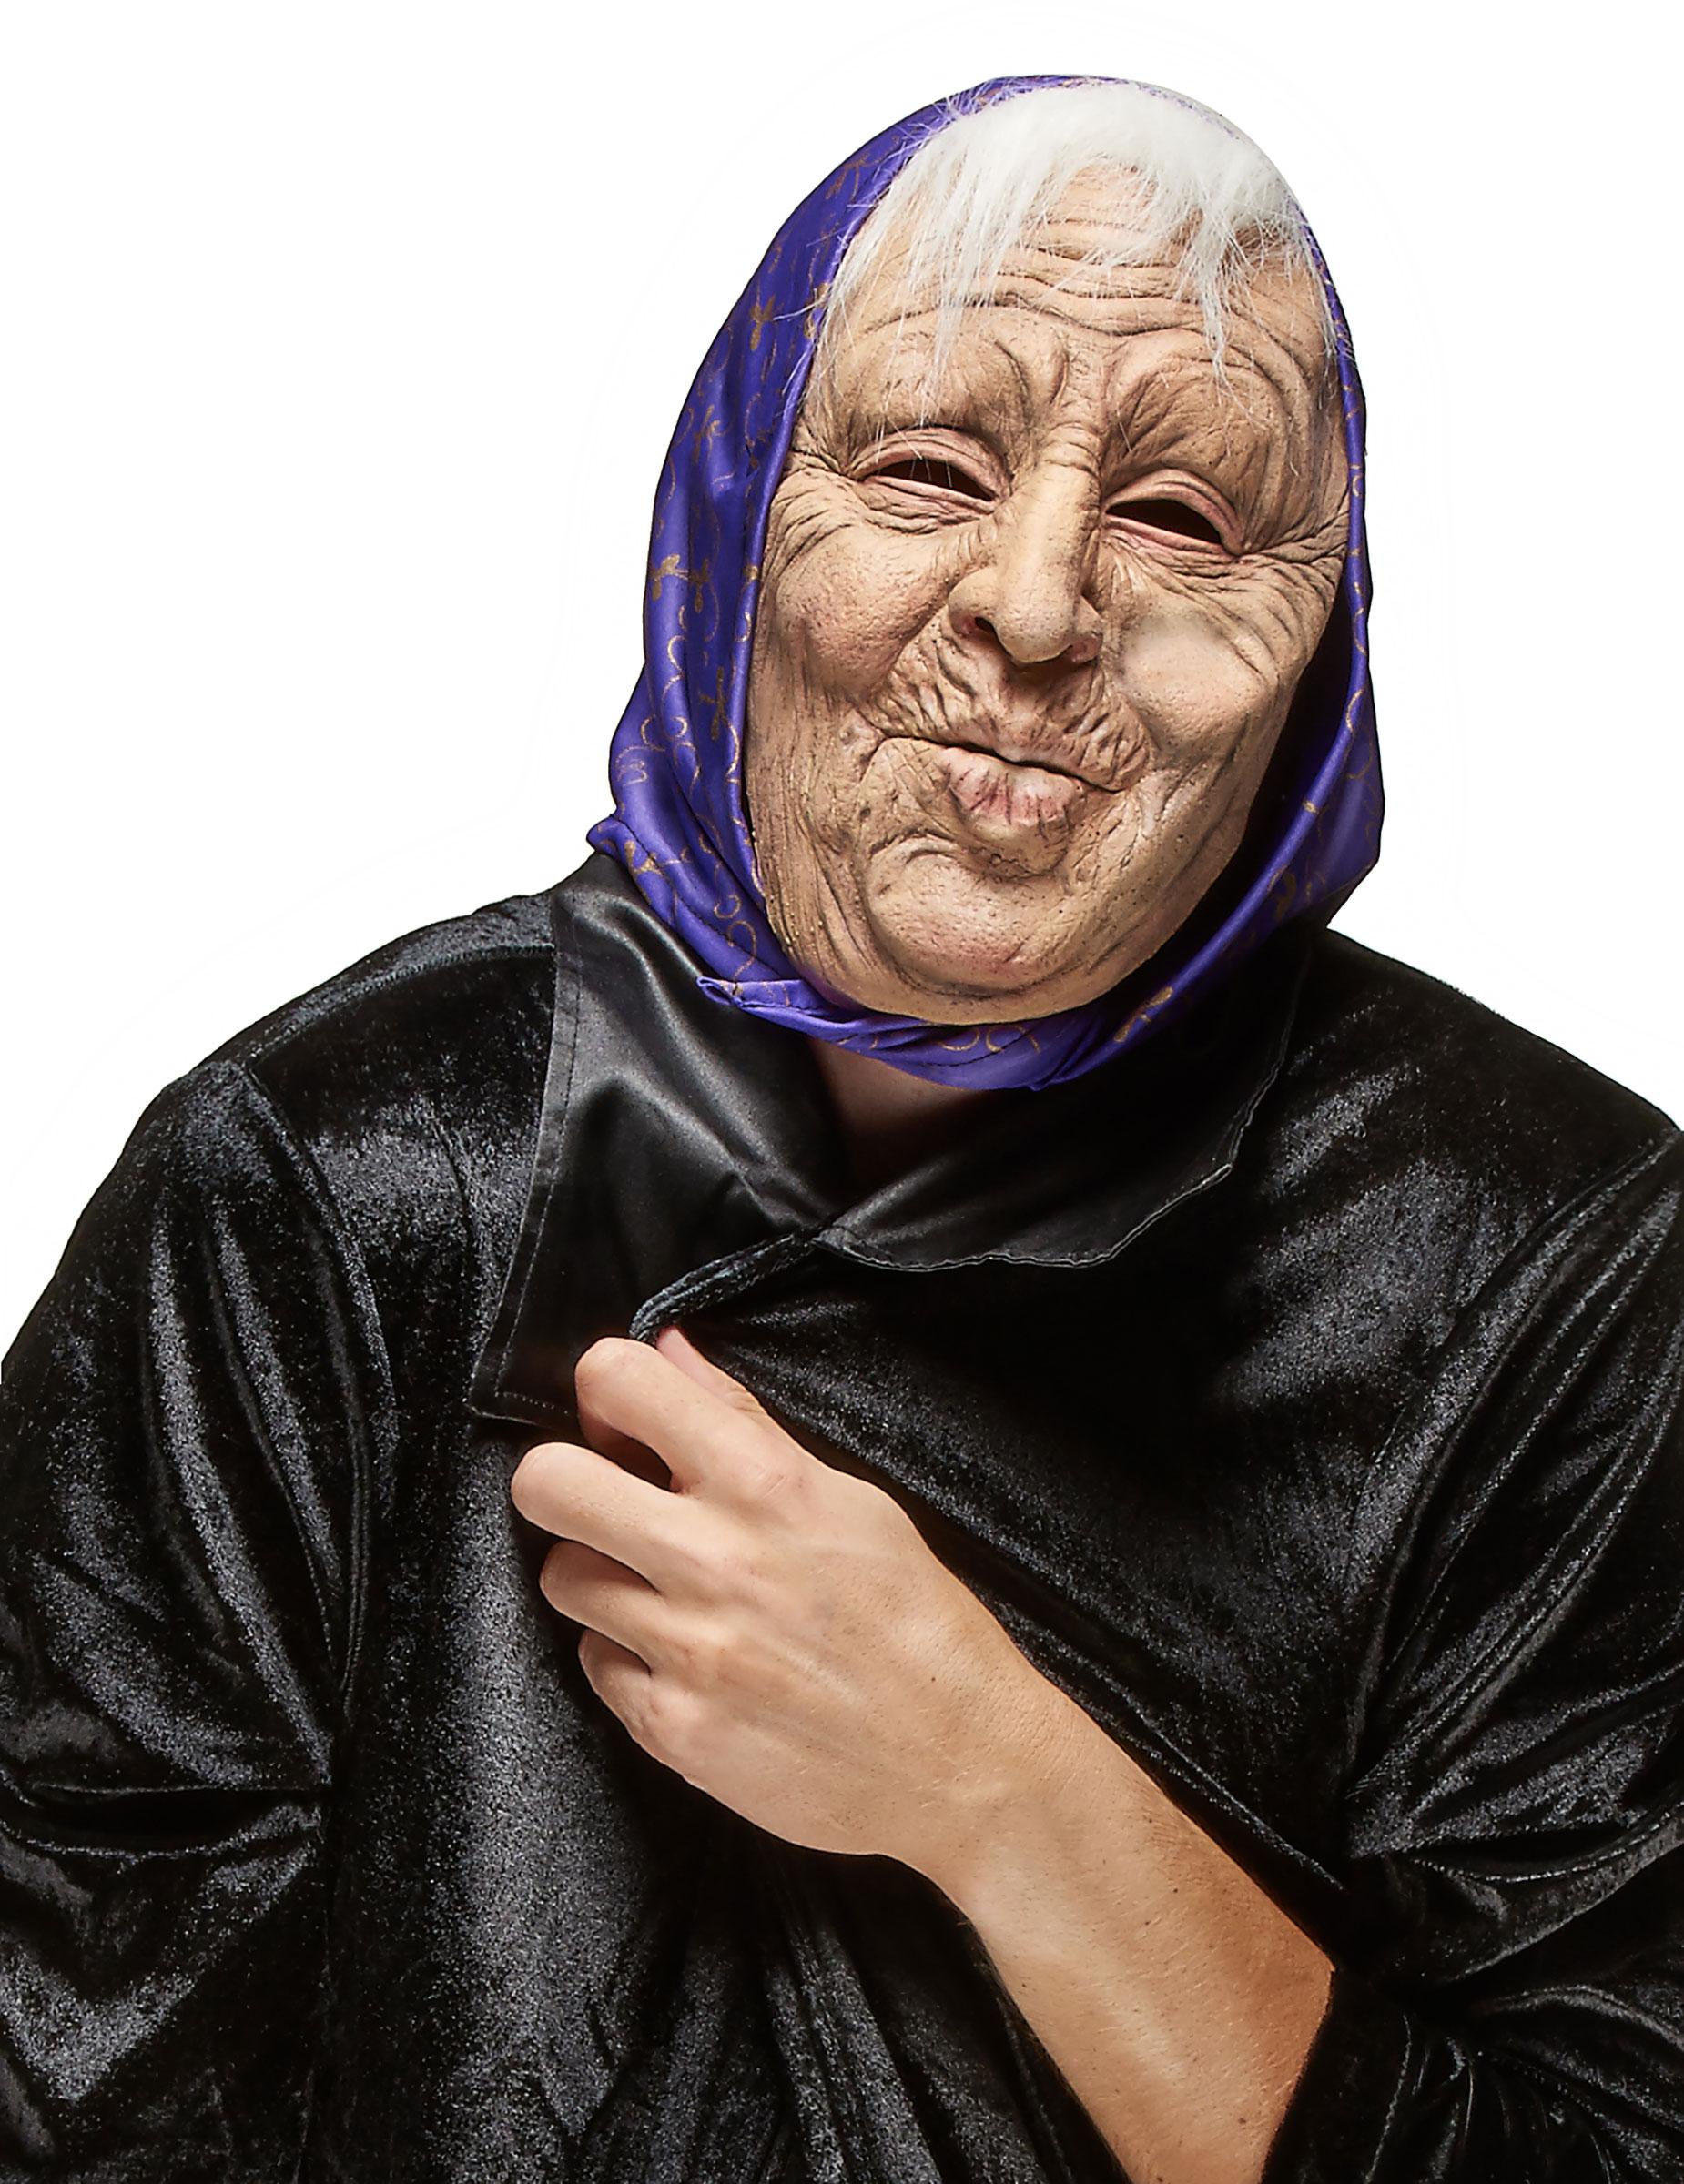 Comme choisir les masques pour la personne